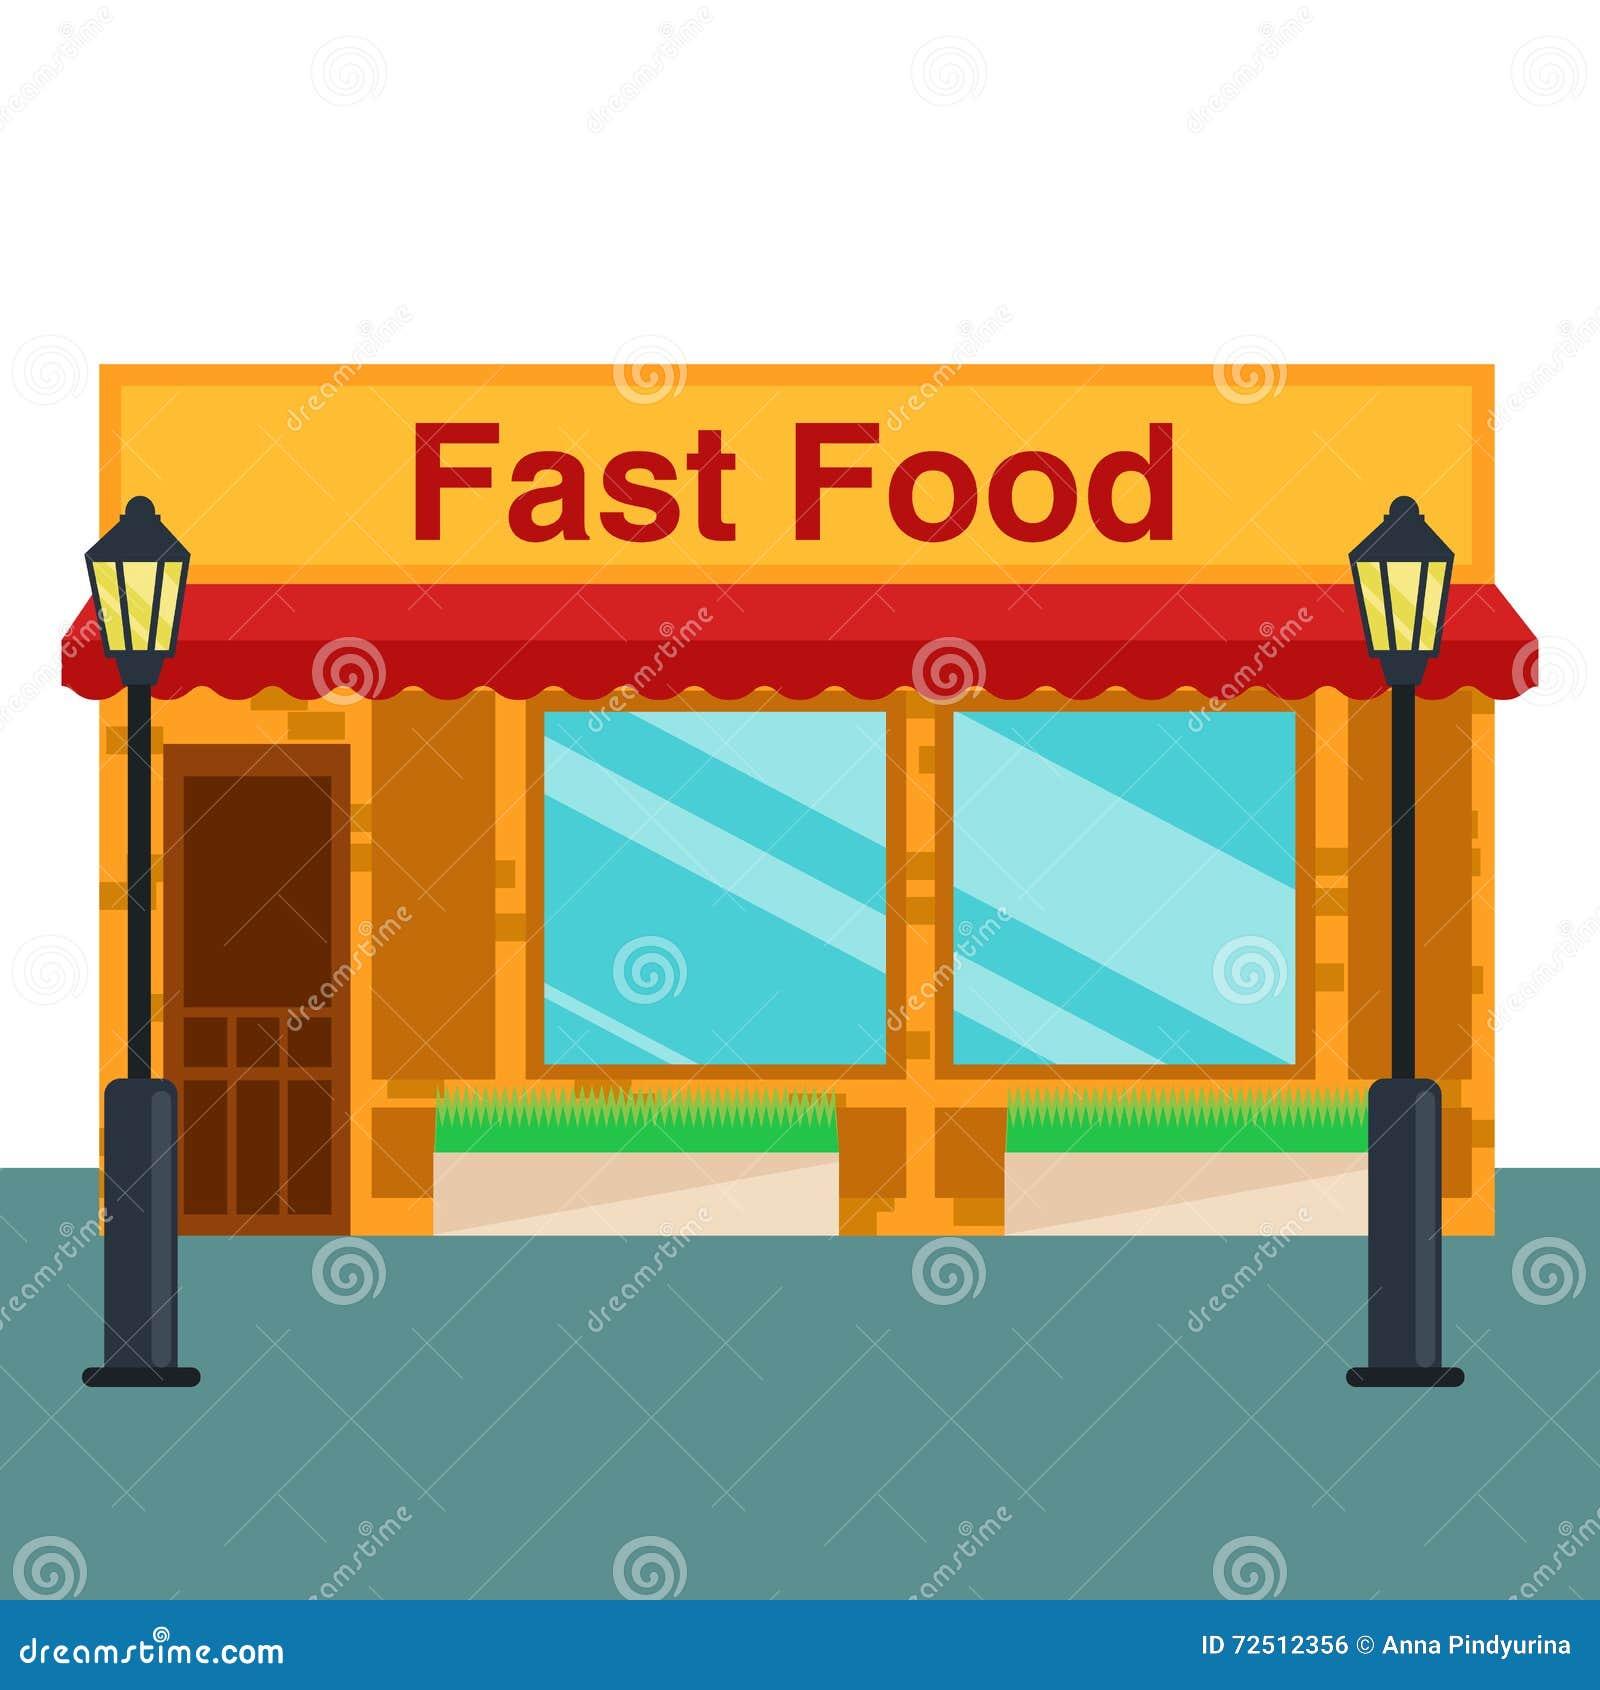 Fast Food Shop Front Design